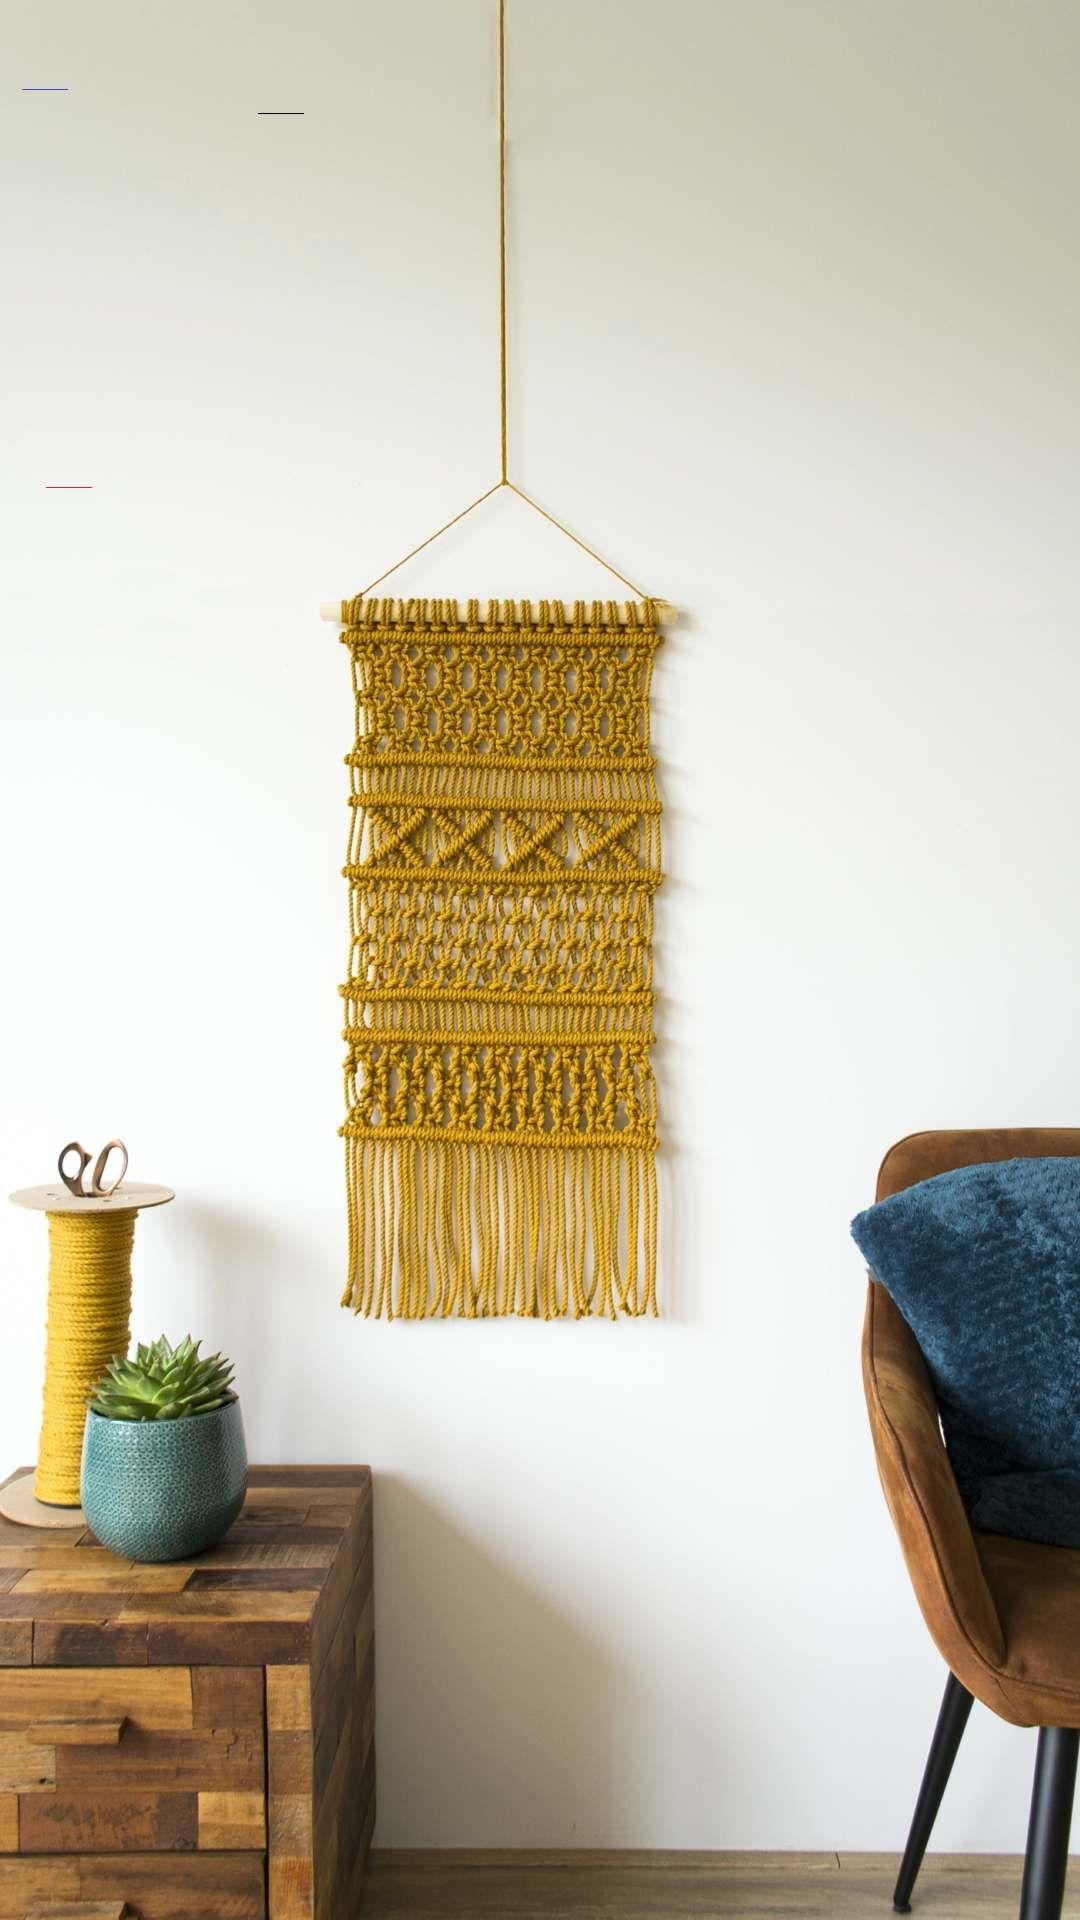 Macrame wall hanging pattern - #macramewallhanging